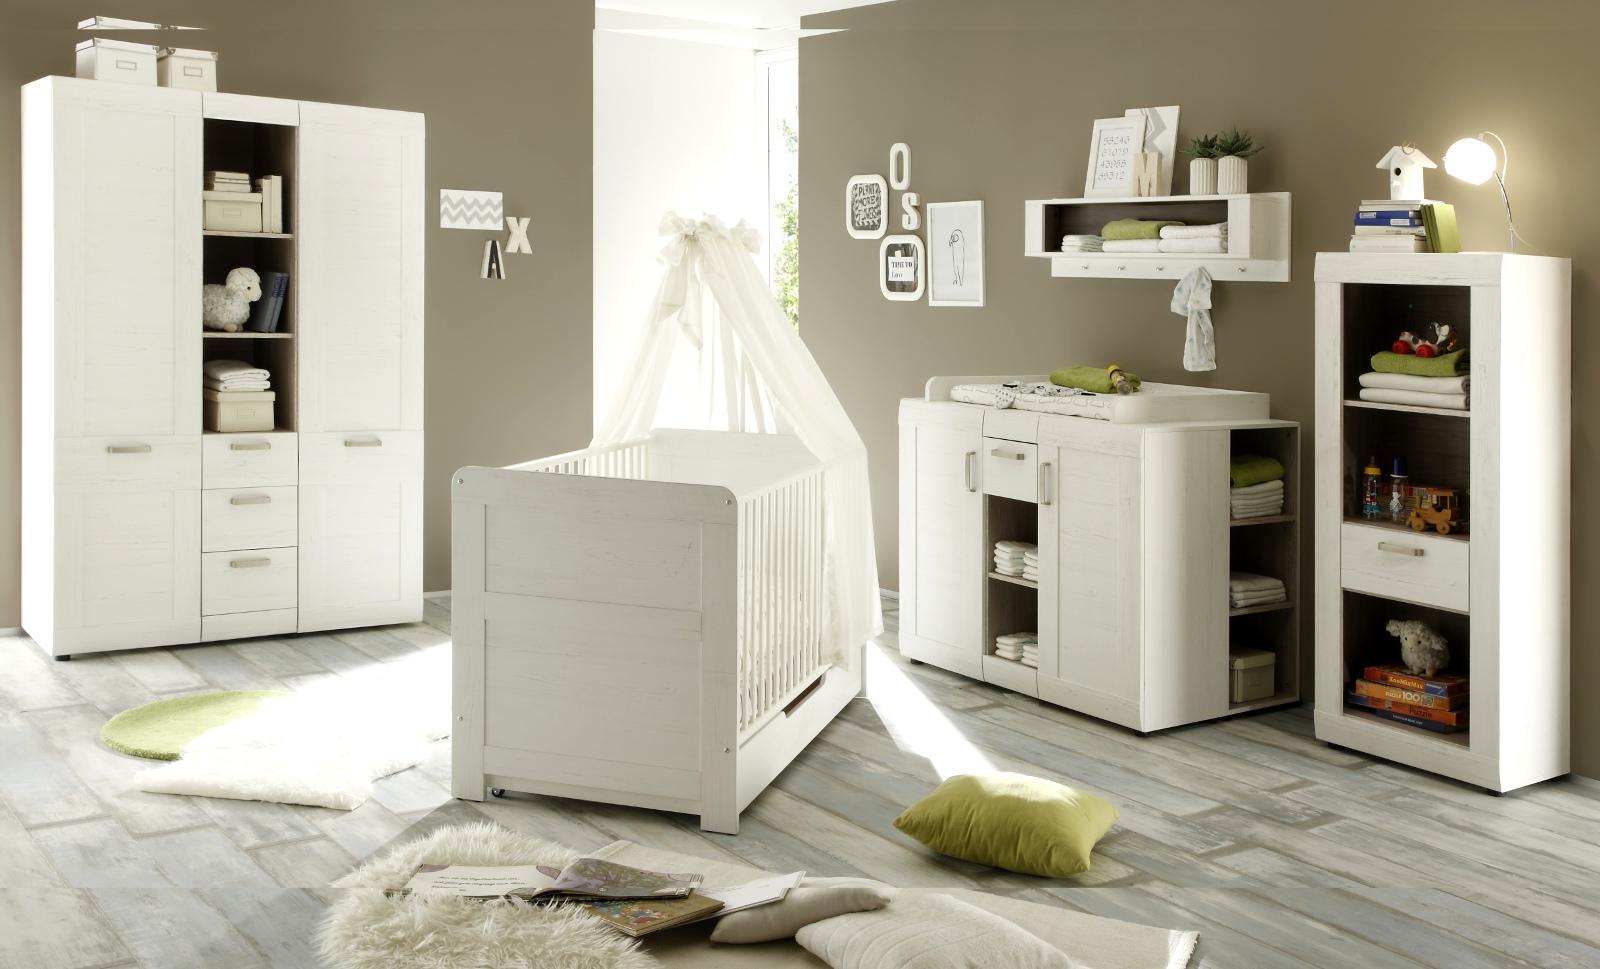 Babyzimmer set weiß  Babyzimmer komplett Set 7-tlg Pinie weiß Struktur